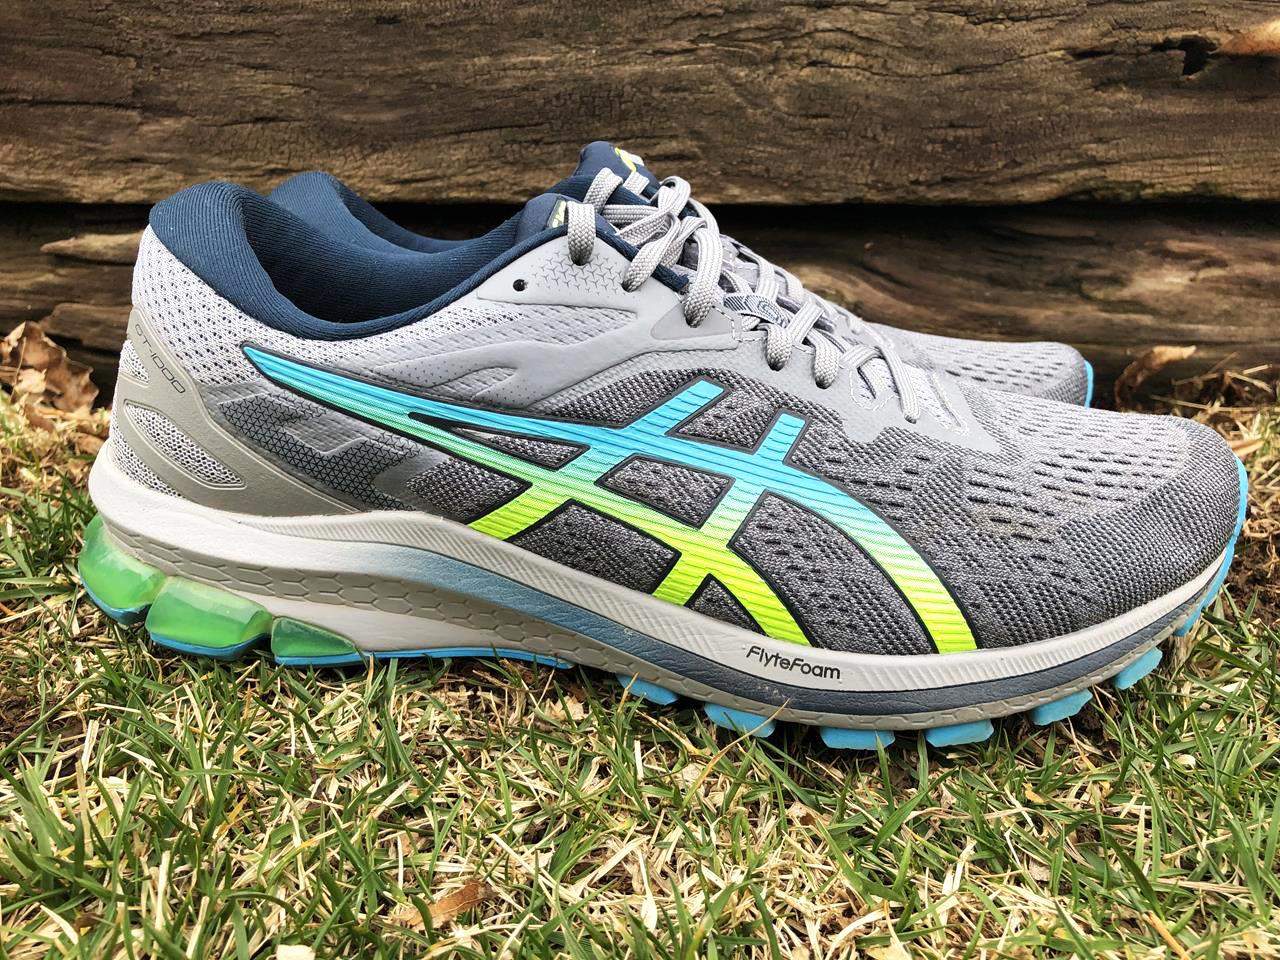 Asics GT 1000 10 Review | Running Shoes Guru